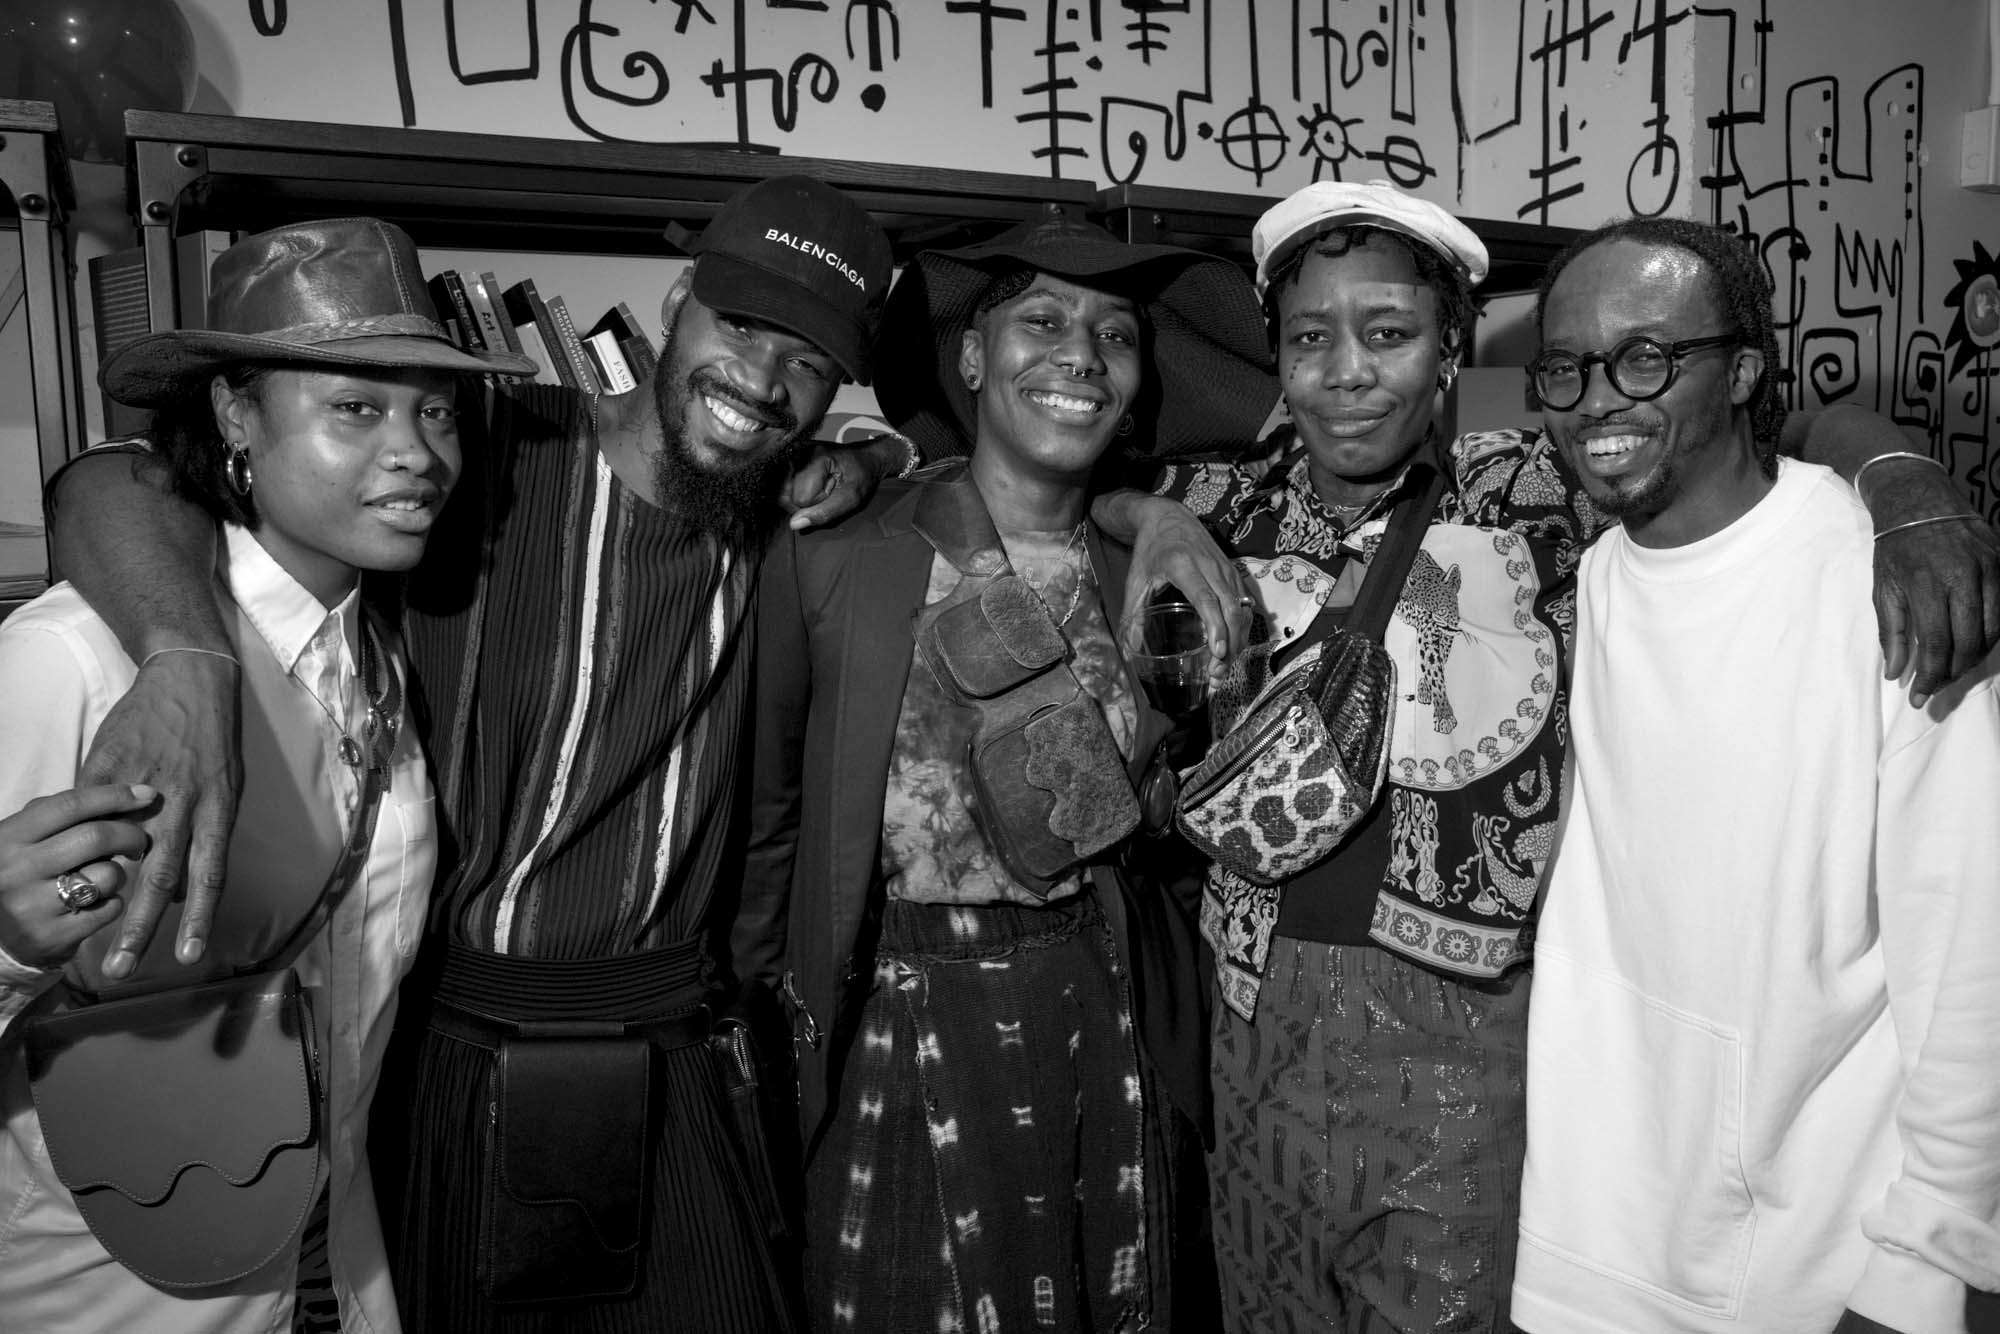 3 of 4 - Soull, Ogun and Ekene Ijeoma